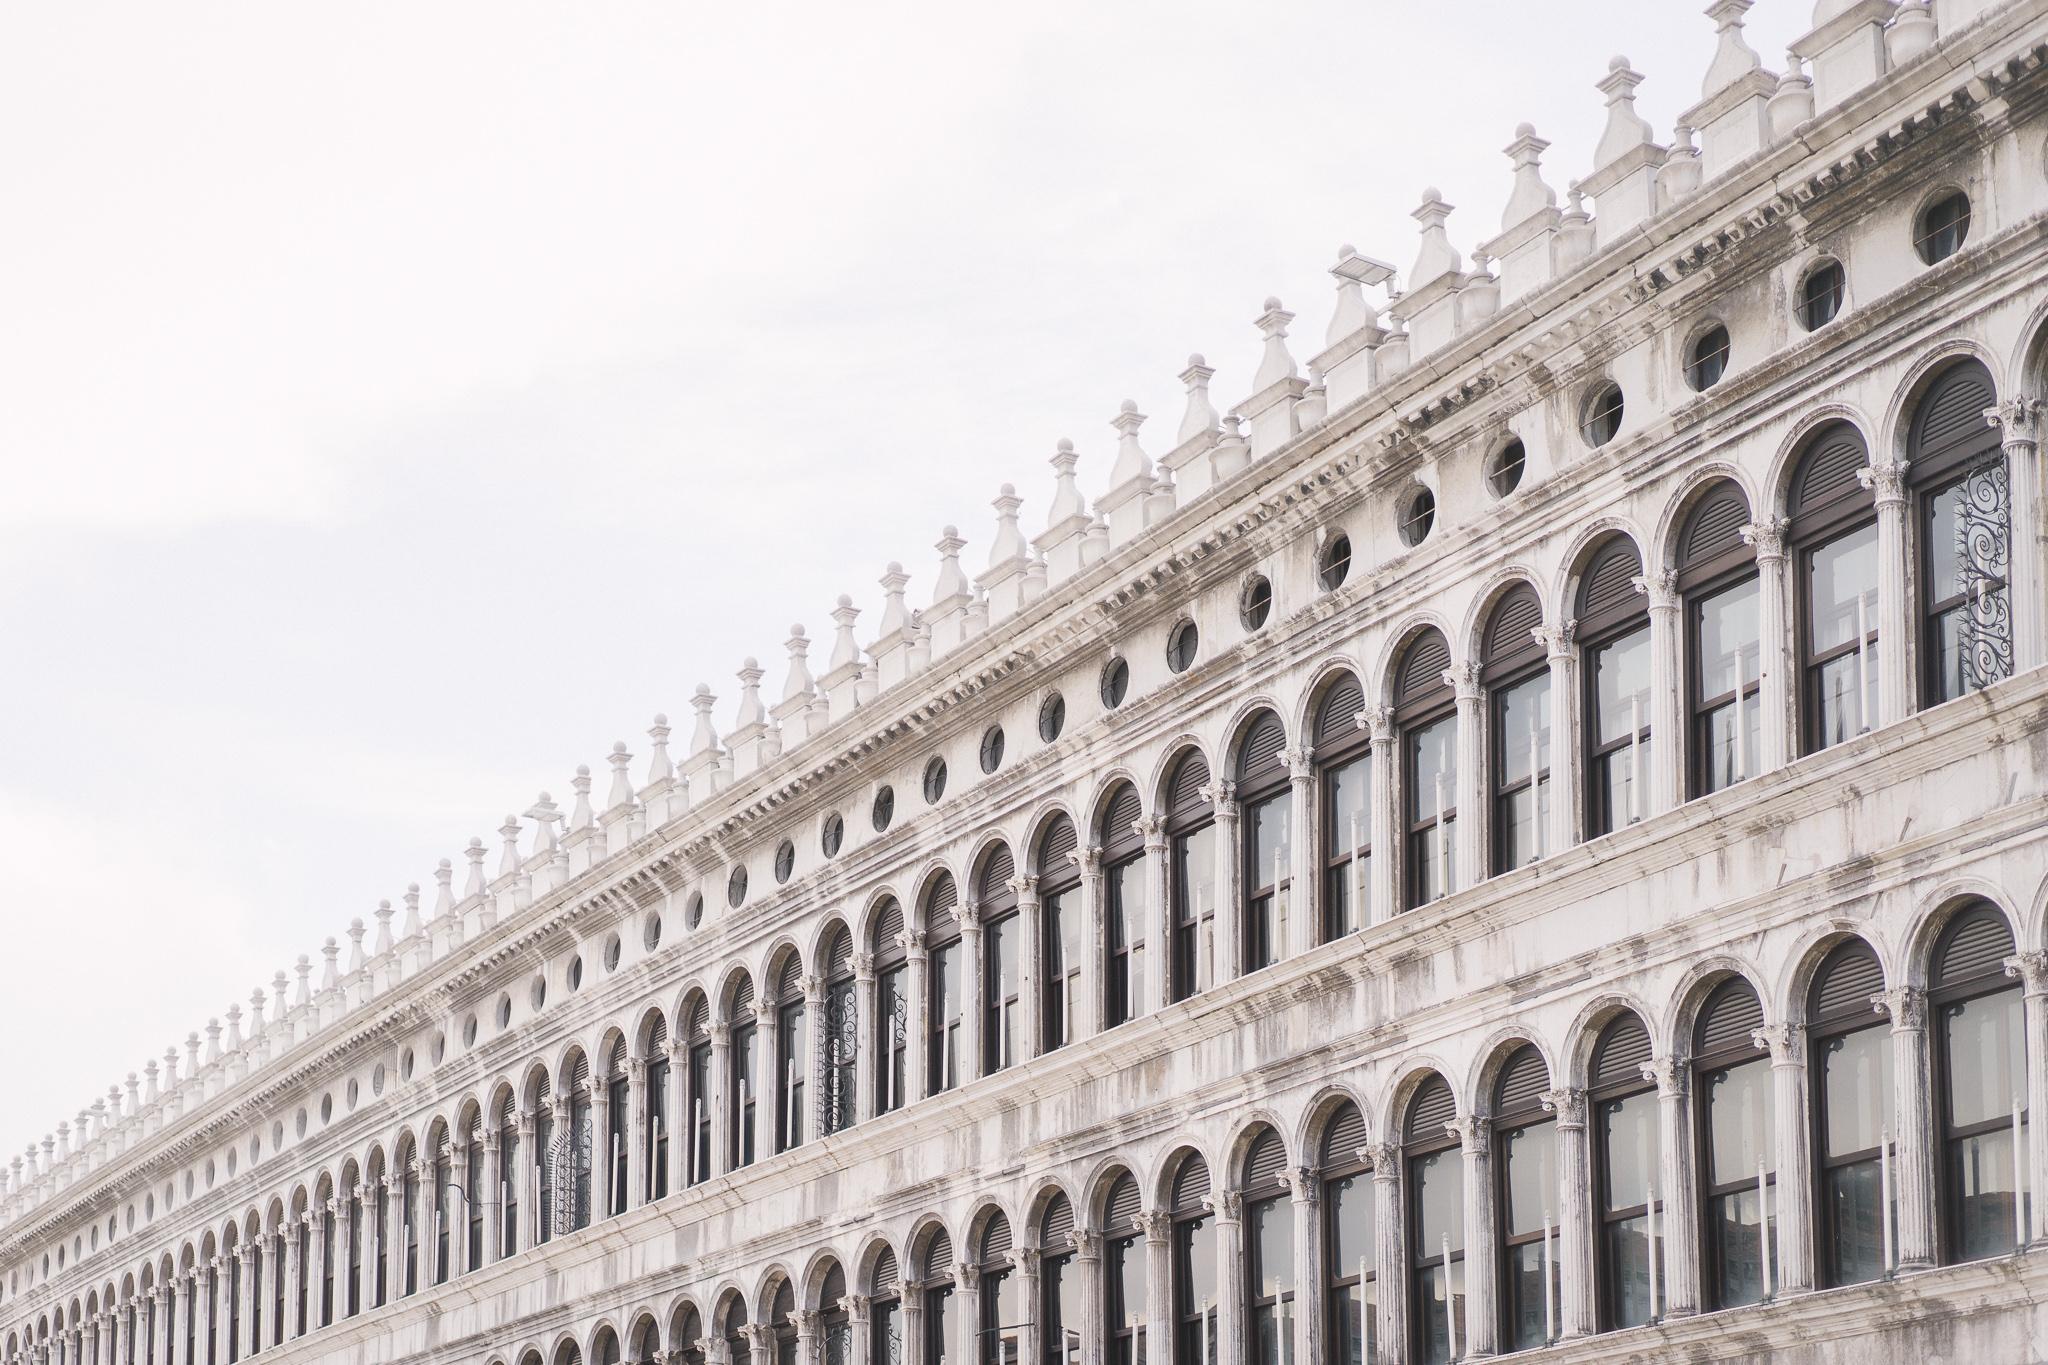 Venice-Burano-Italy-30.jpg